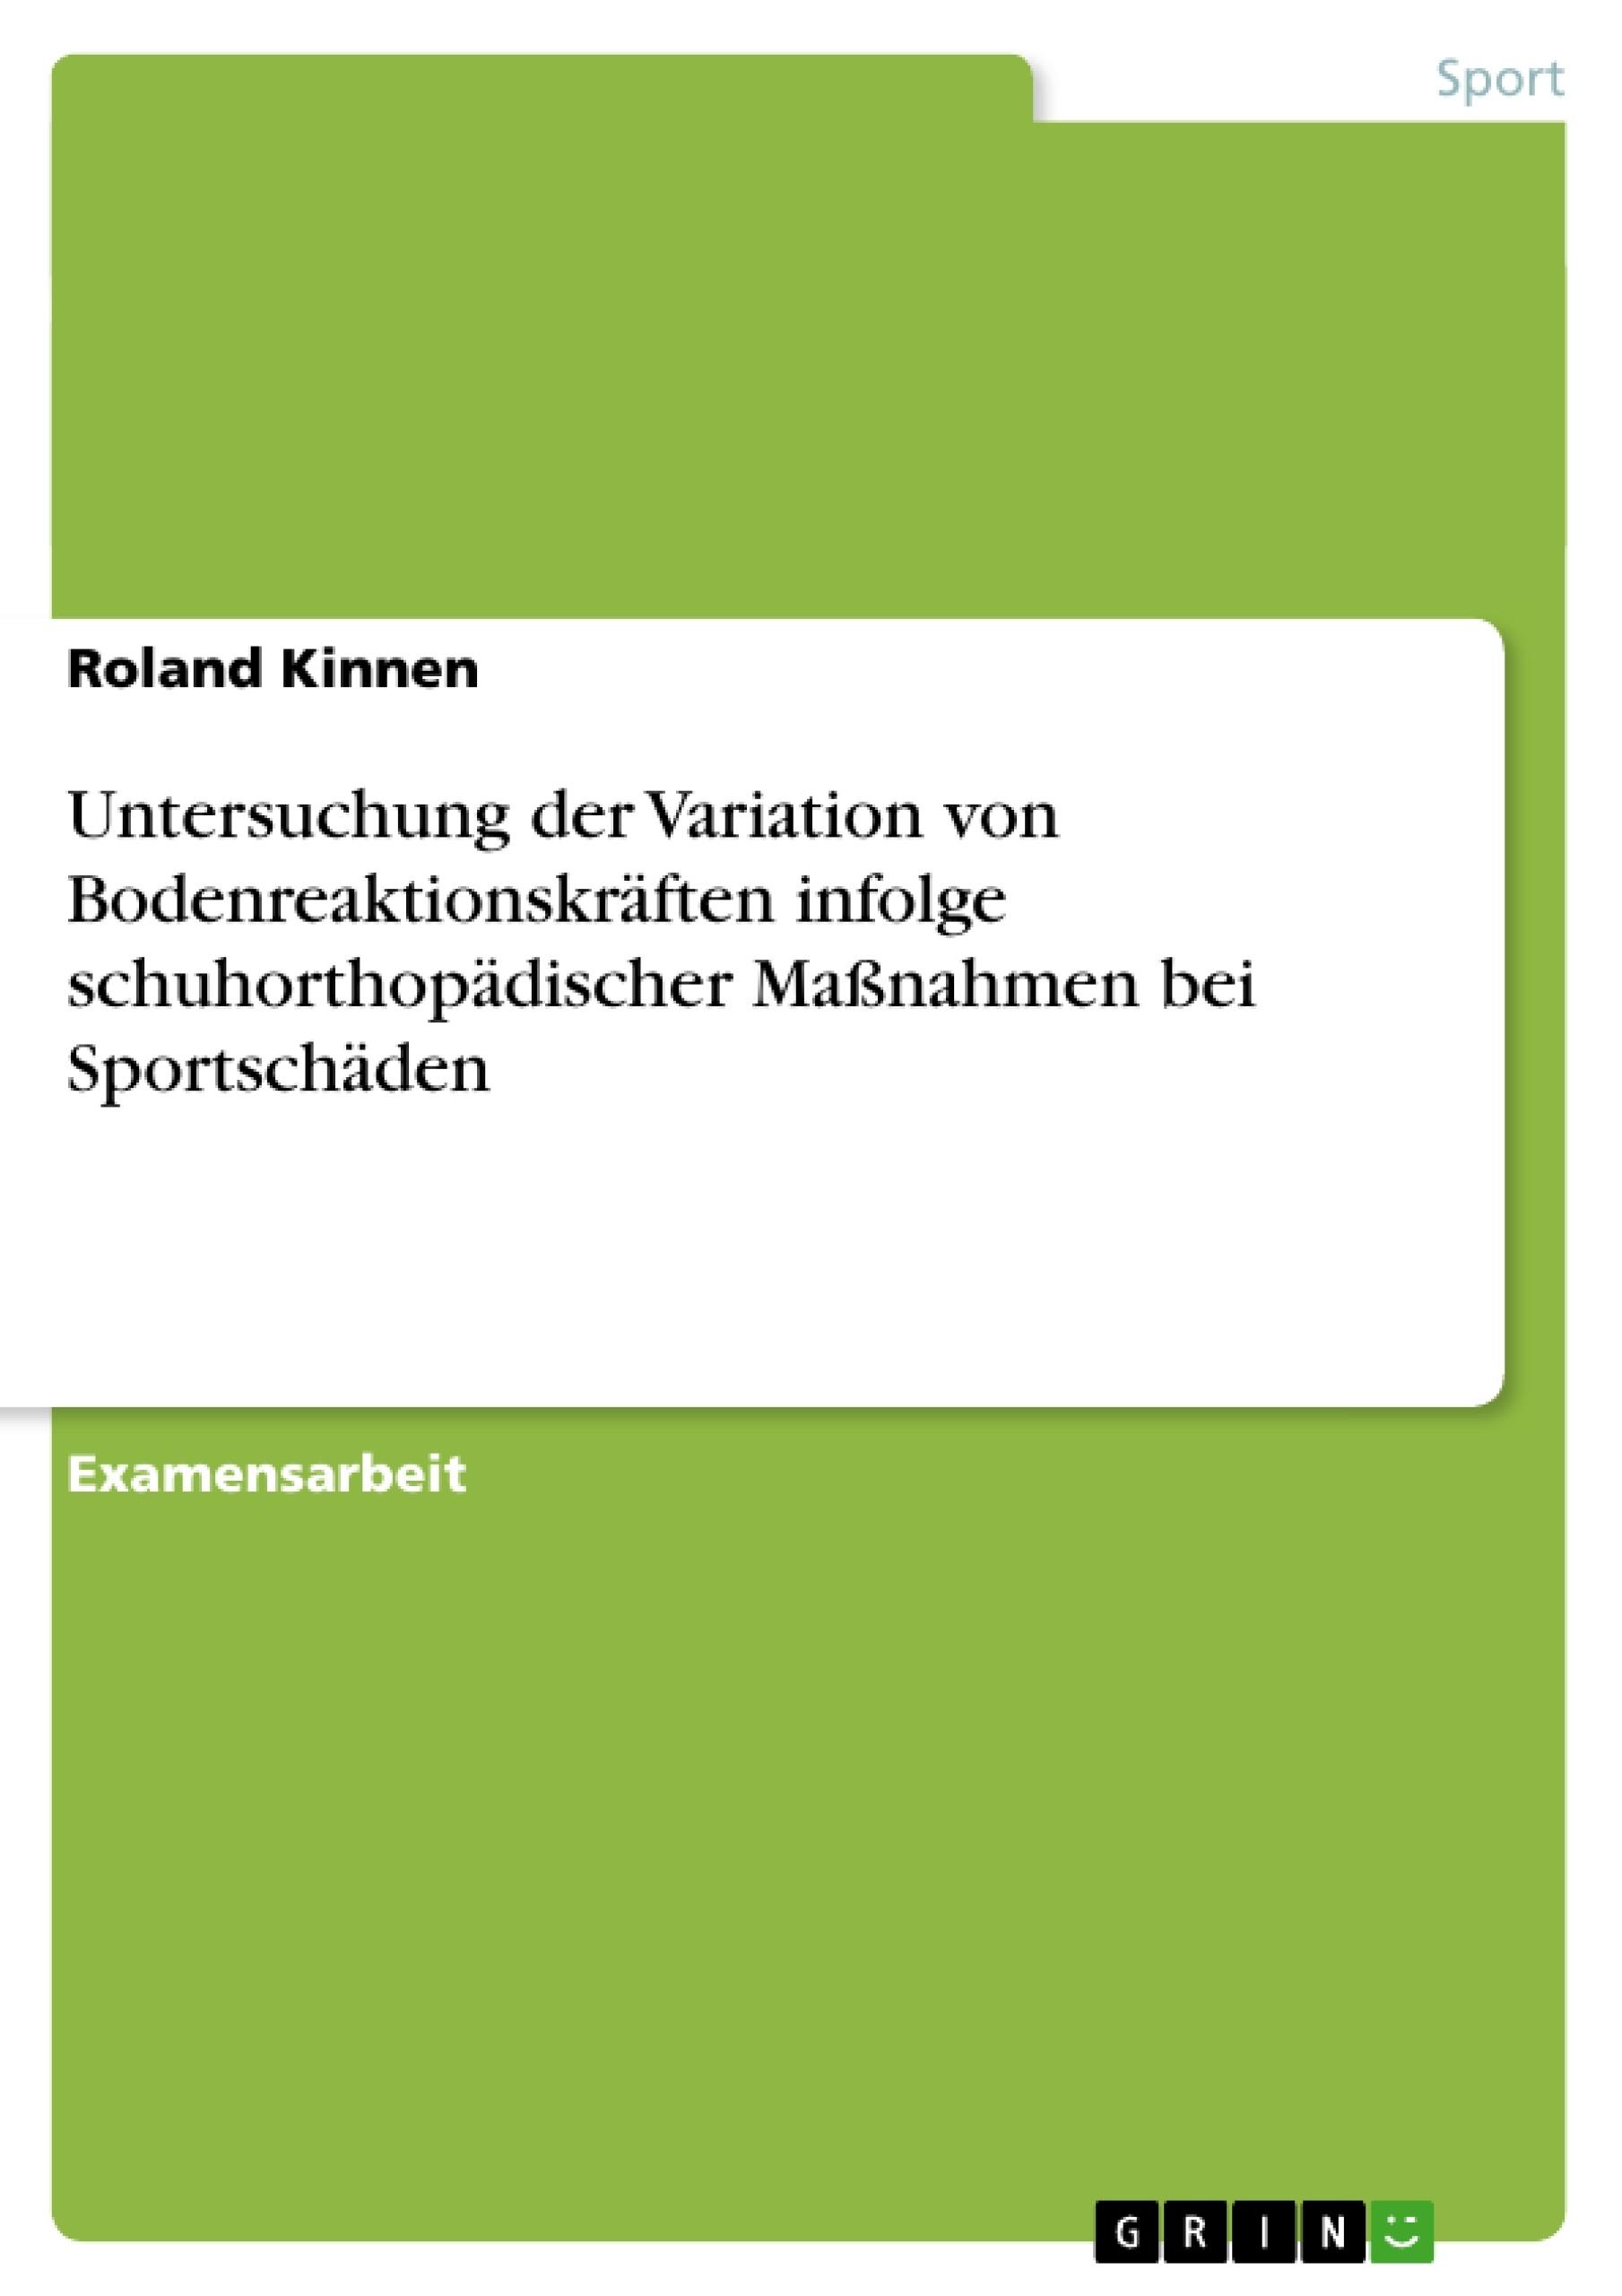 Titel: Untersuchung der Variation von Bodenreaktionskräften infolge schuhorthopädischer Maßnahmen bei Sportschäden